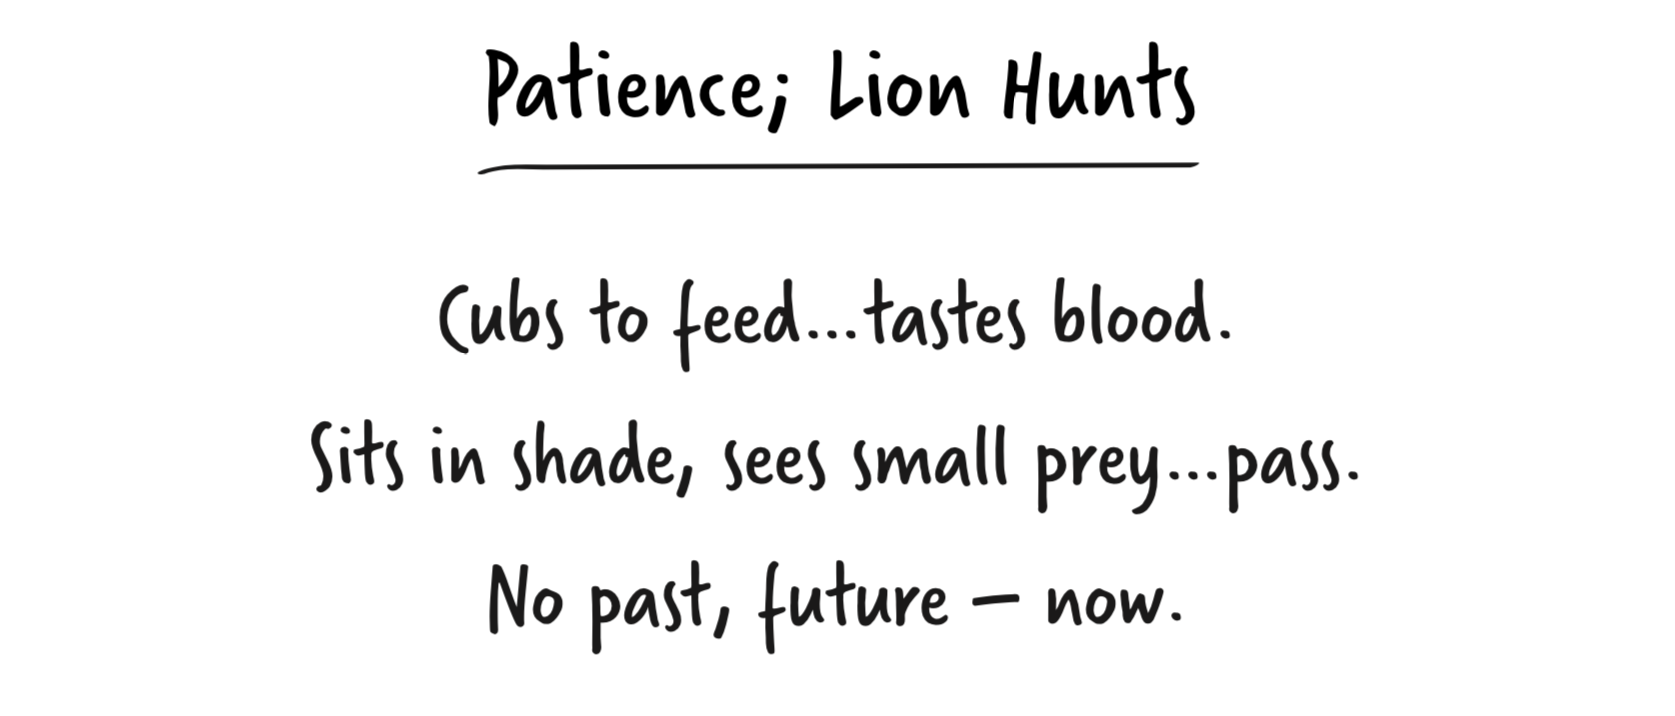 patience-lion-hunts.png